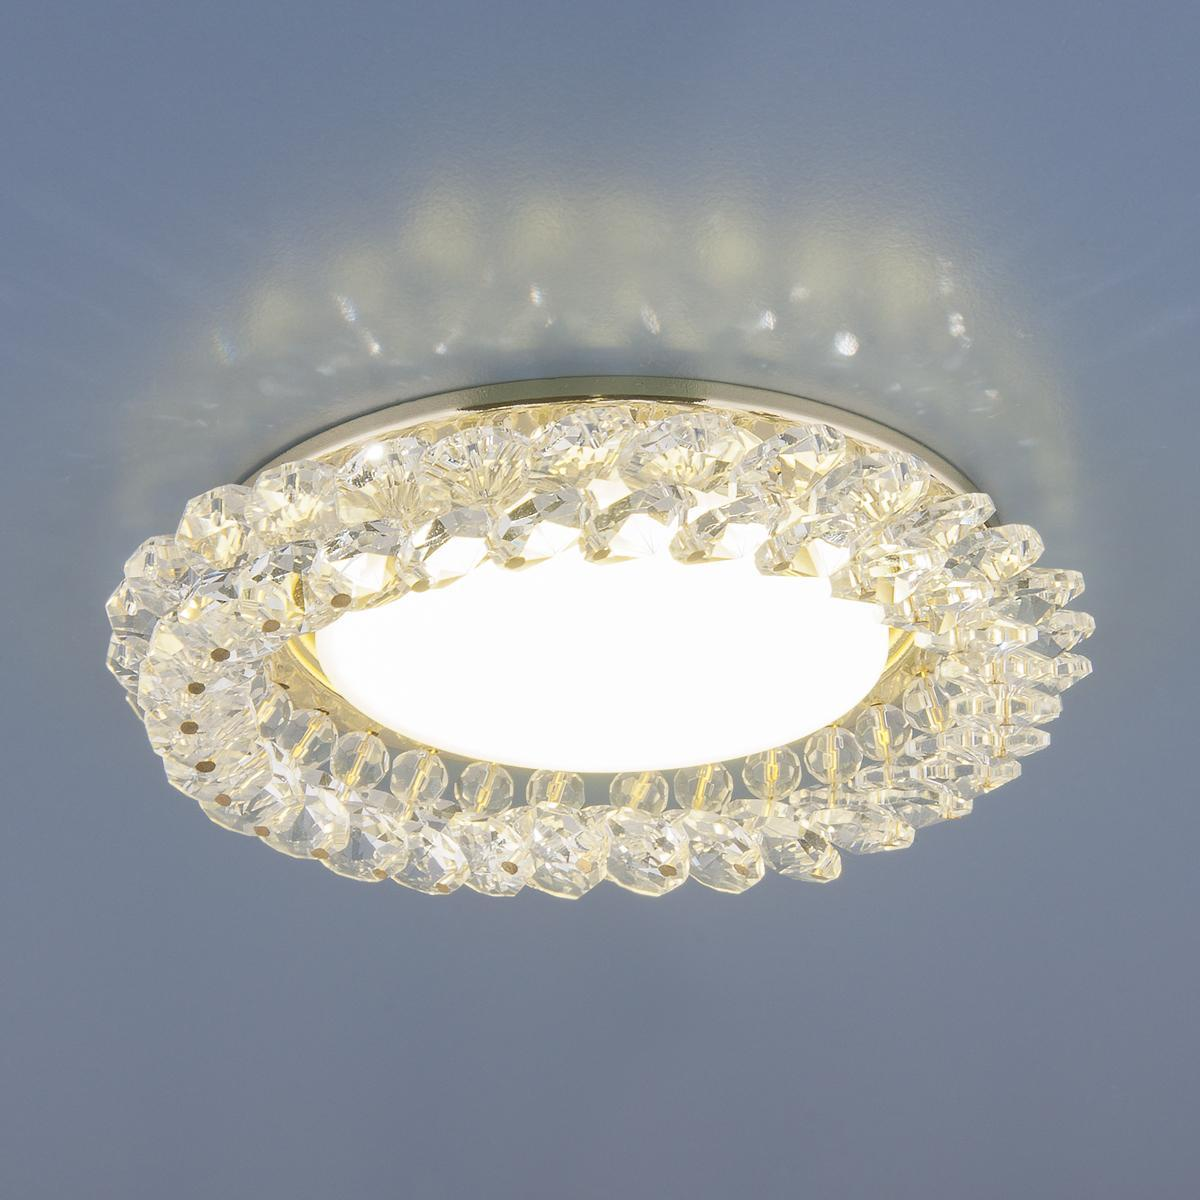 цена на Встраиваемый светильник Elektrostandard 1063 GX53 GD/CL золото/прозрачный 4690389075674